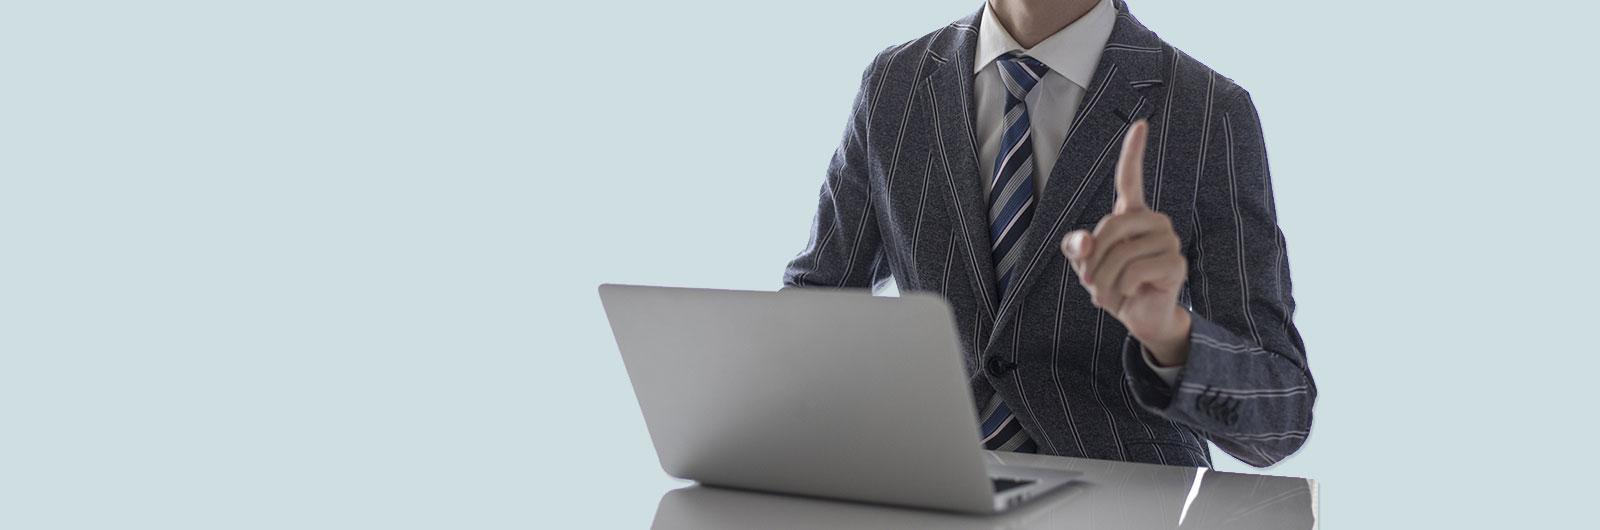 中小企業の経営必須マニュアルヘッダー画像